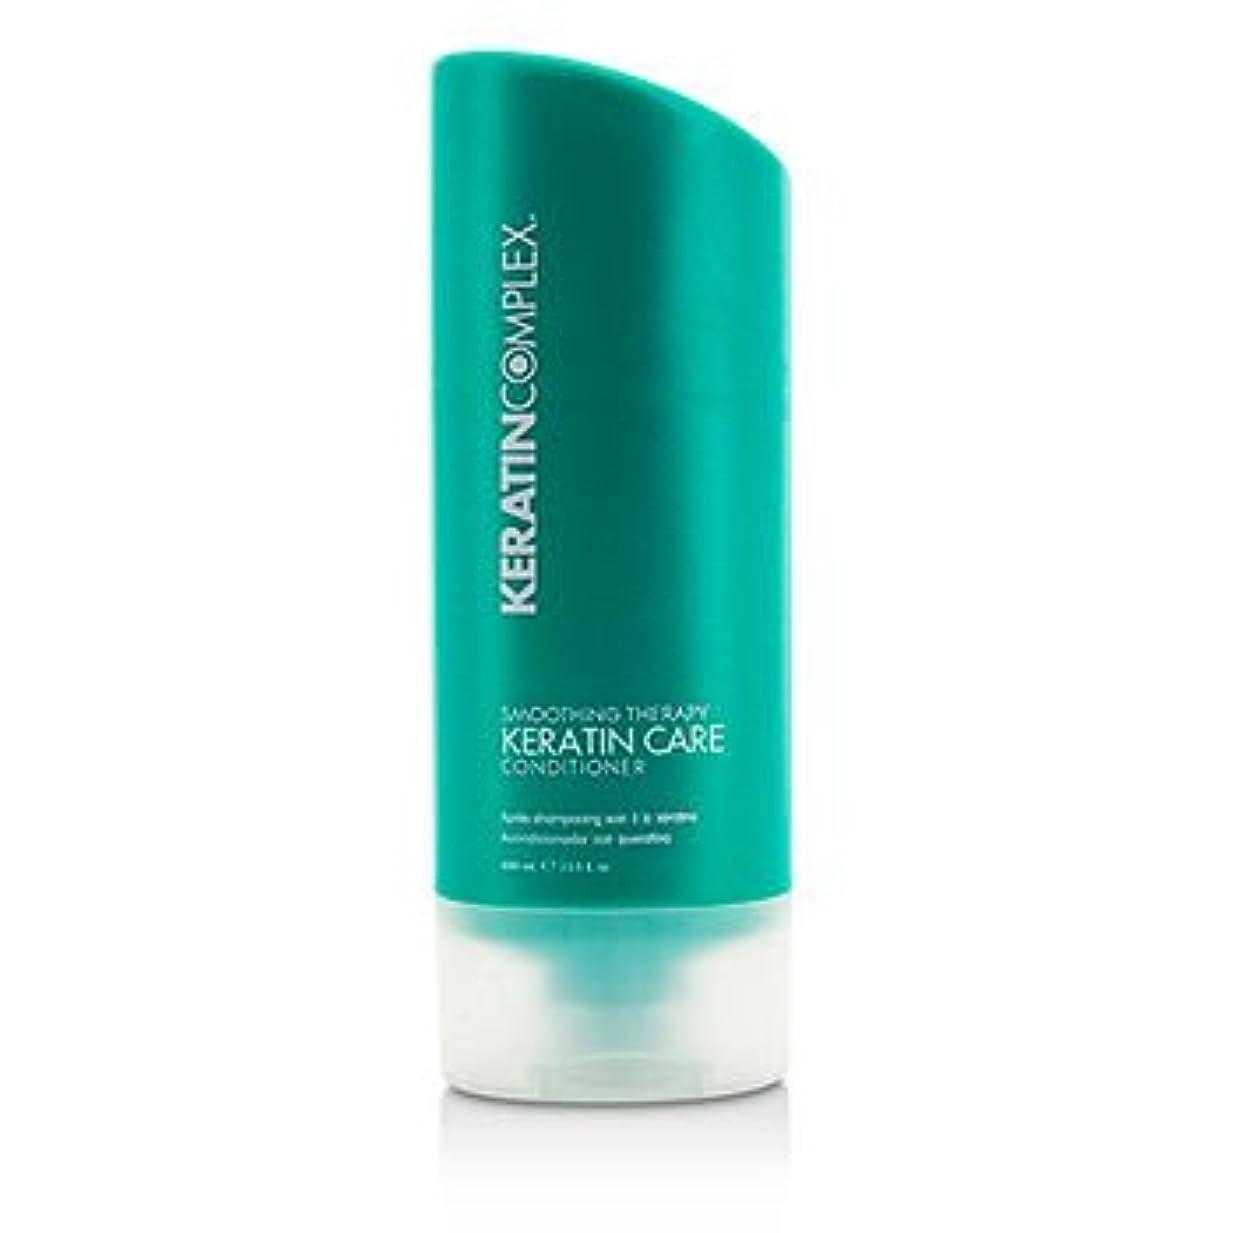 花輪天かまど[Keratin Complex] Smoothing Therapy Keratin Care Conditioner (For All Hair Types) 400ml/13.5oz